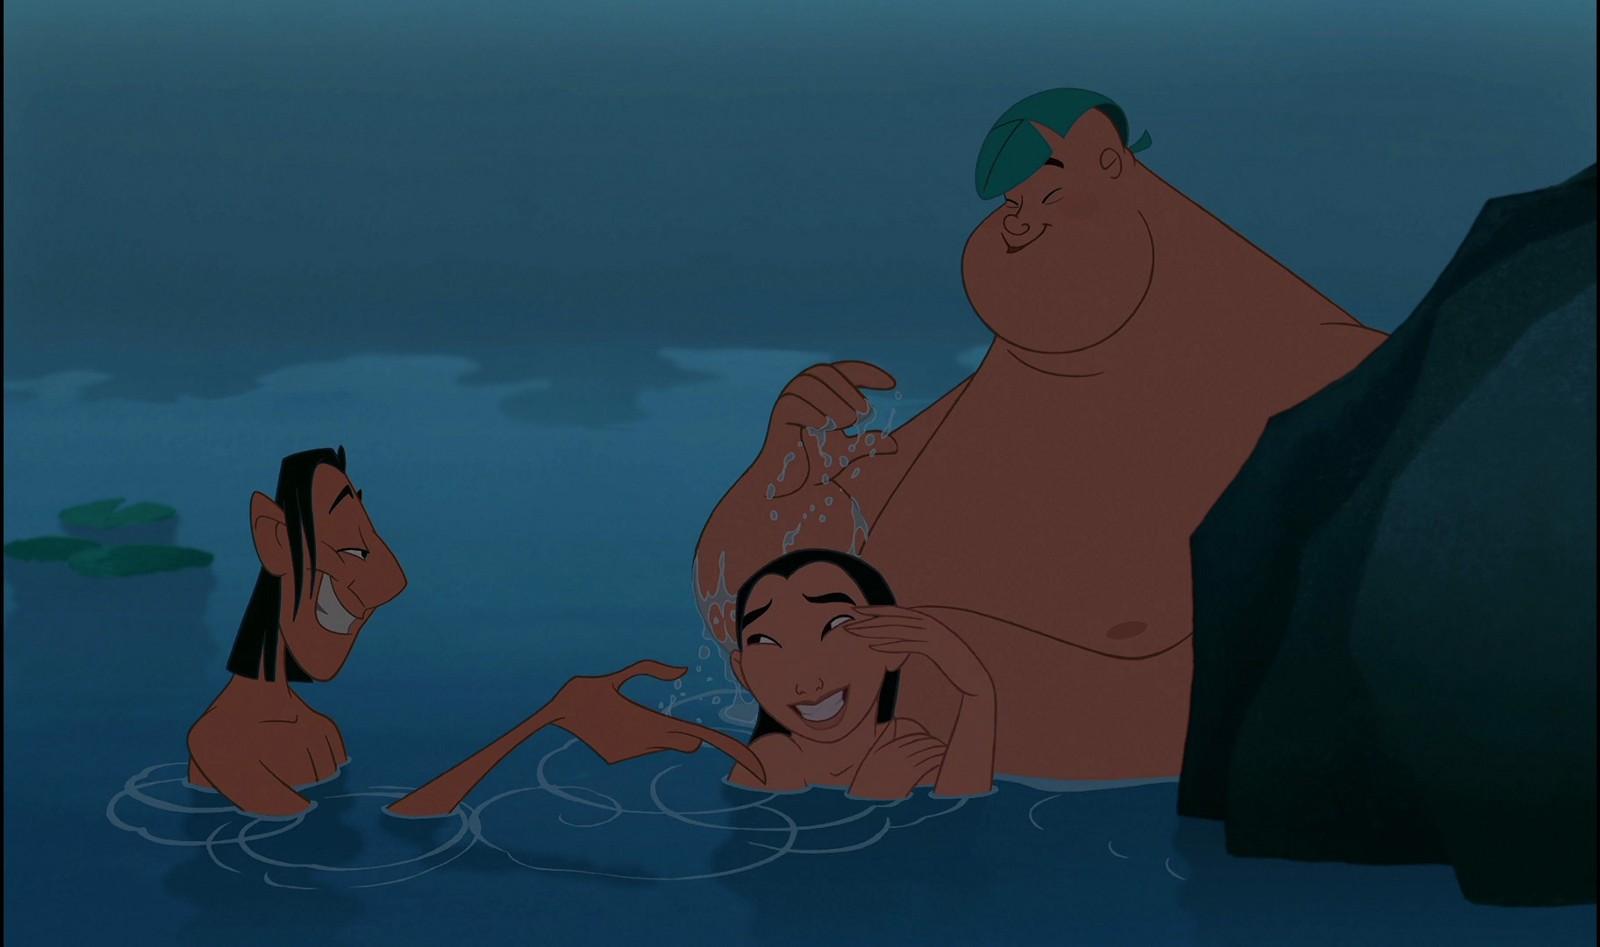 Mulan e os amigos no lago